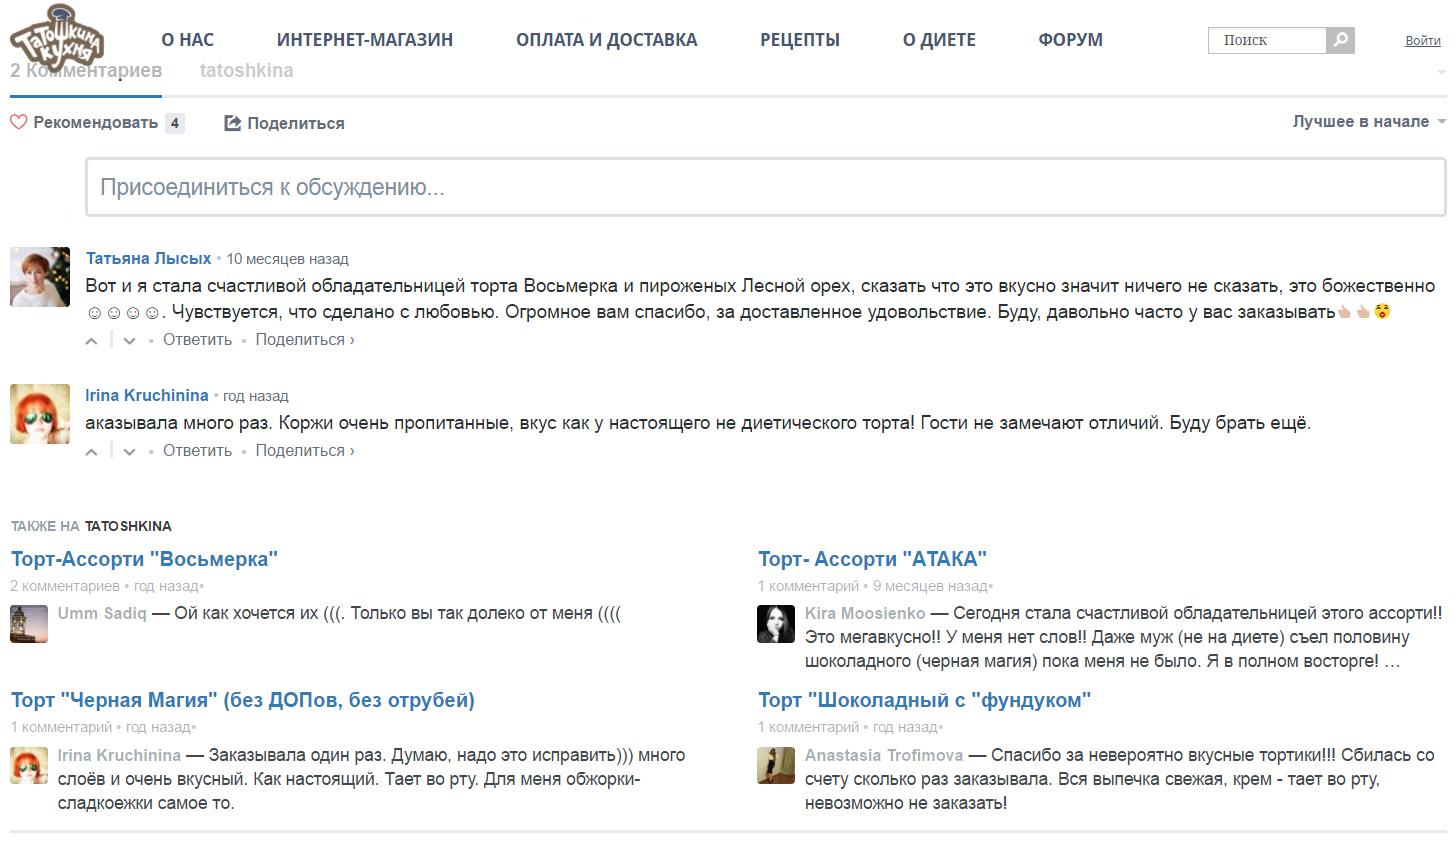 Комментарии в интернет-магазине «Татошкина кухня»